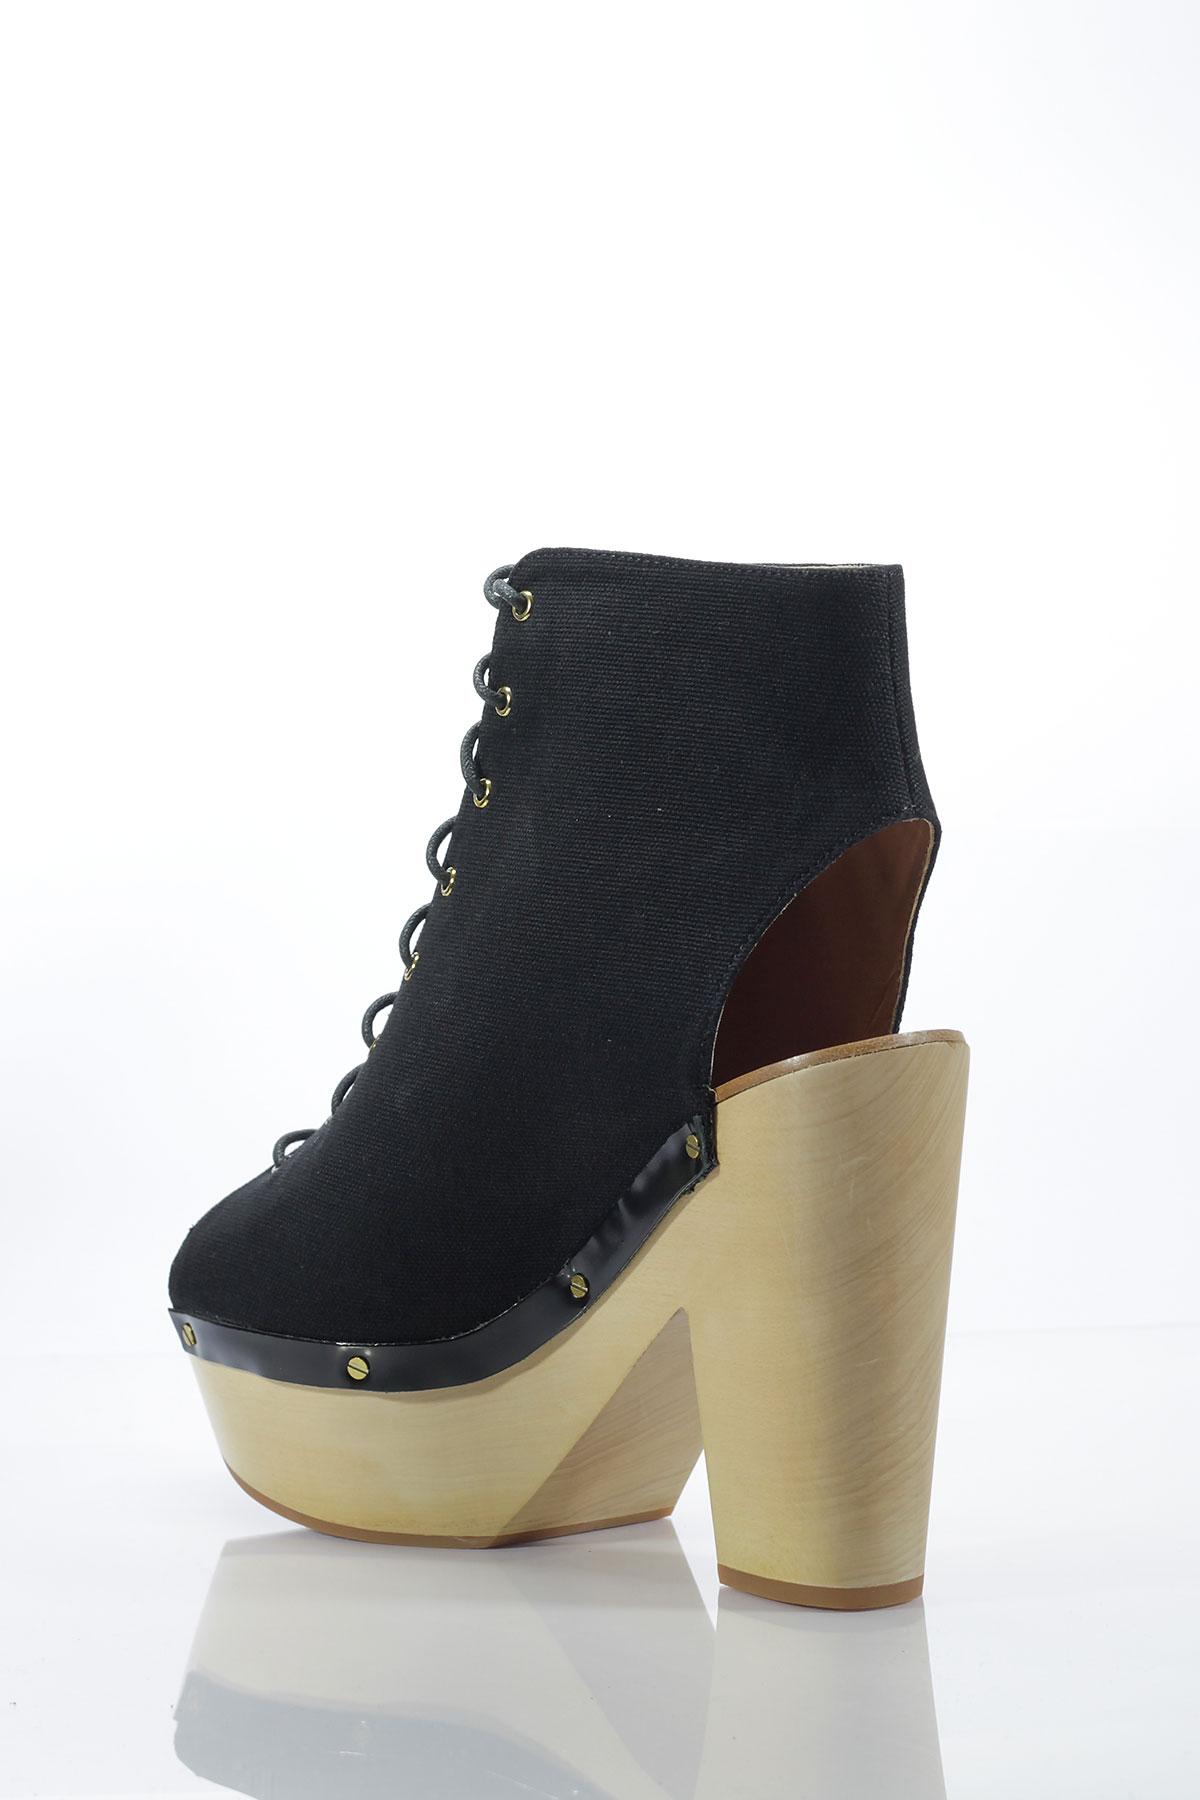 Pantofi 2018 preț mai mic cu stil de moda Sandale -botine &Other Stories Dolce Black la numai 139.00 lei ...